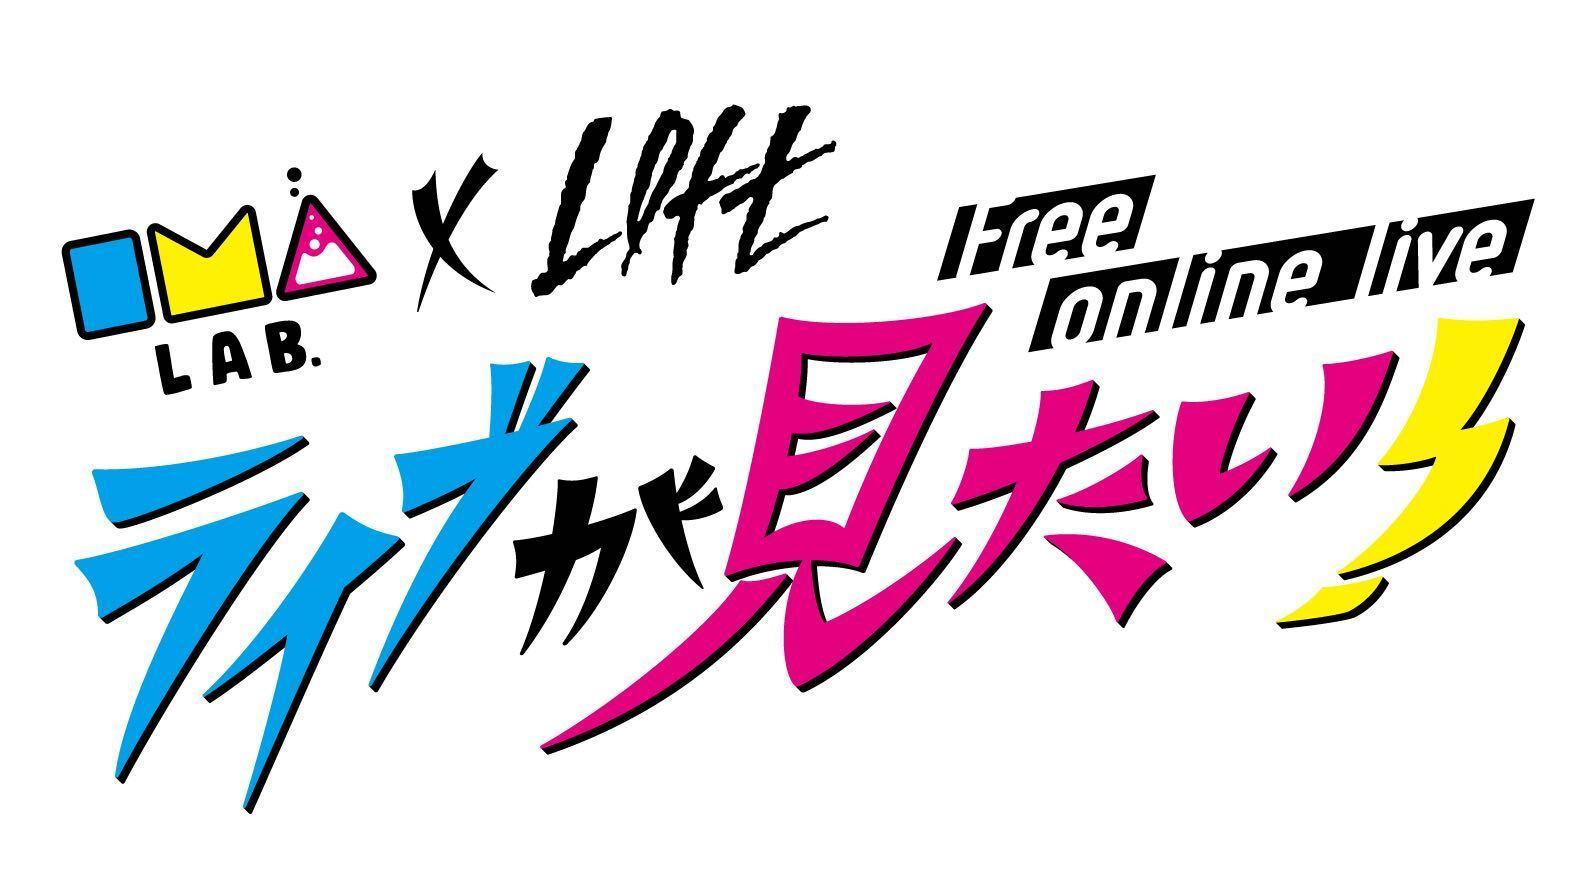 IMALAB×LOFT 無料オンラインライブ「ライブが見たい!」